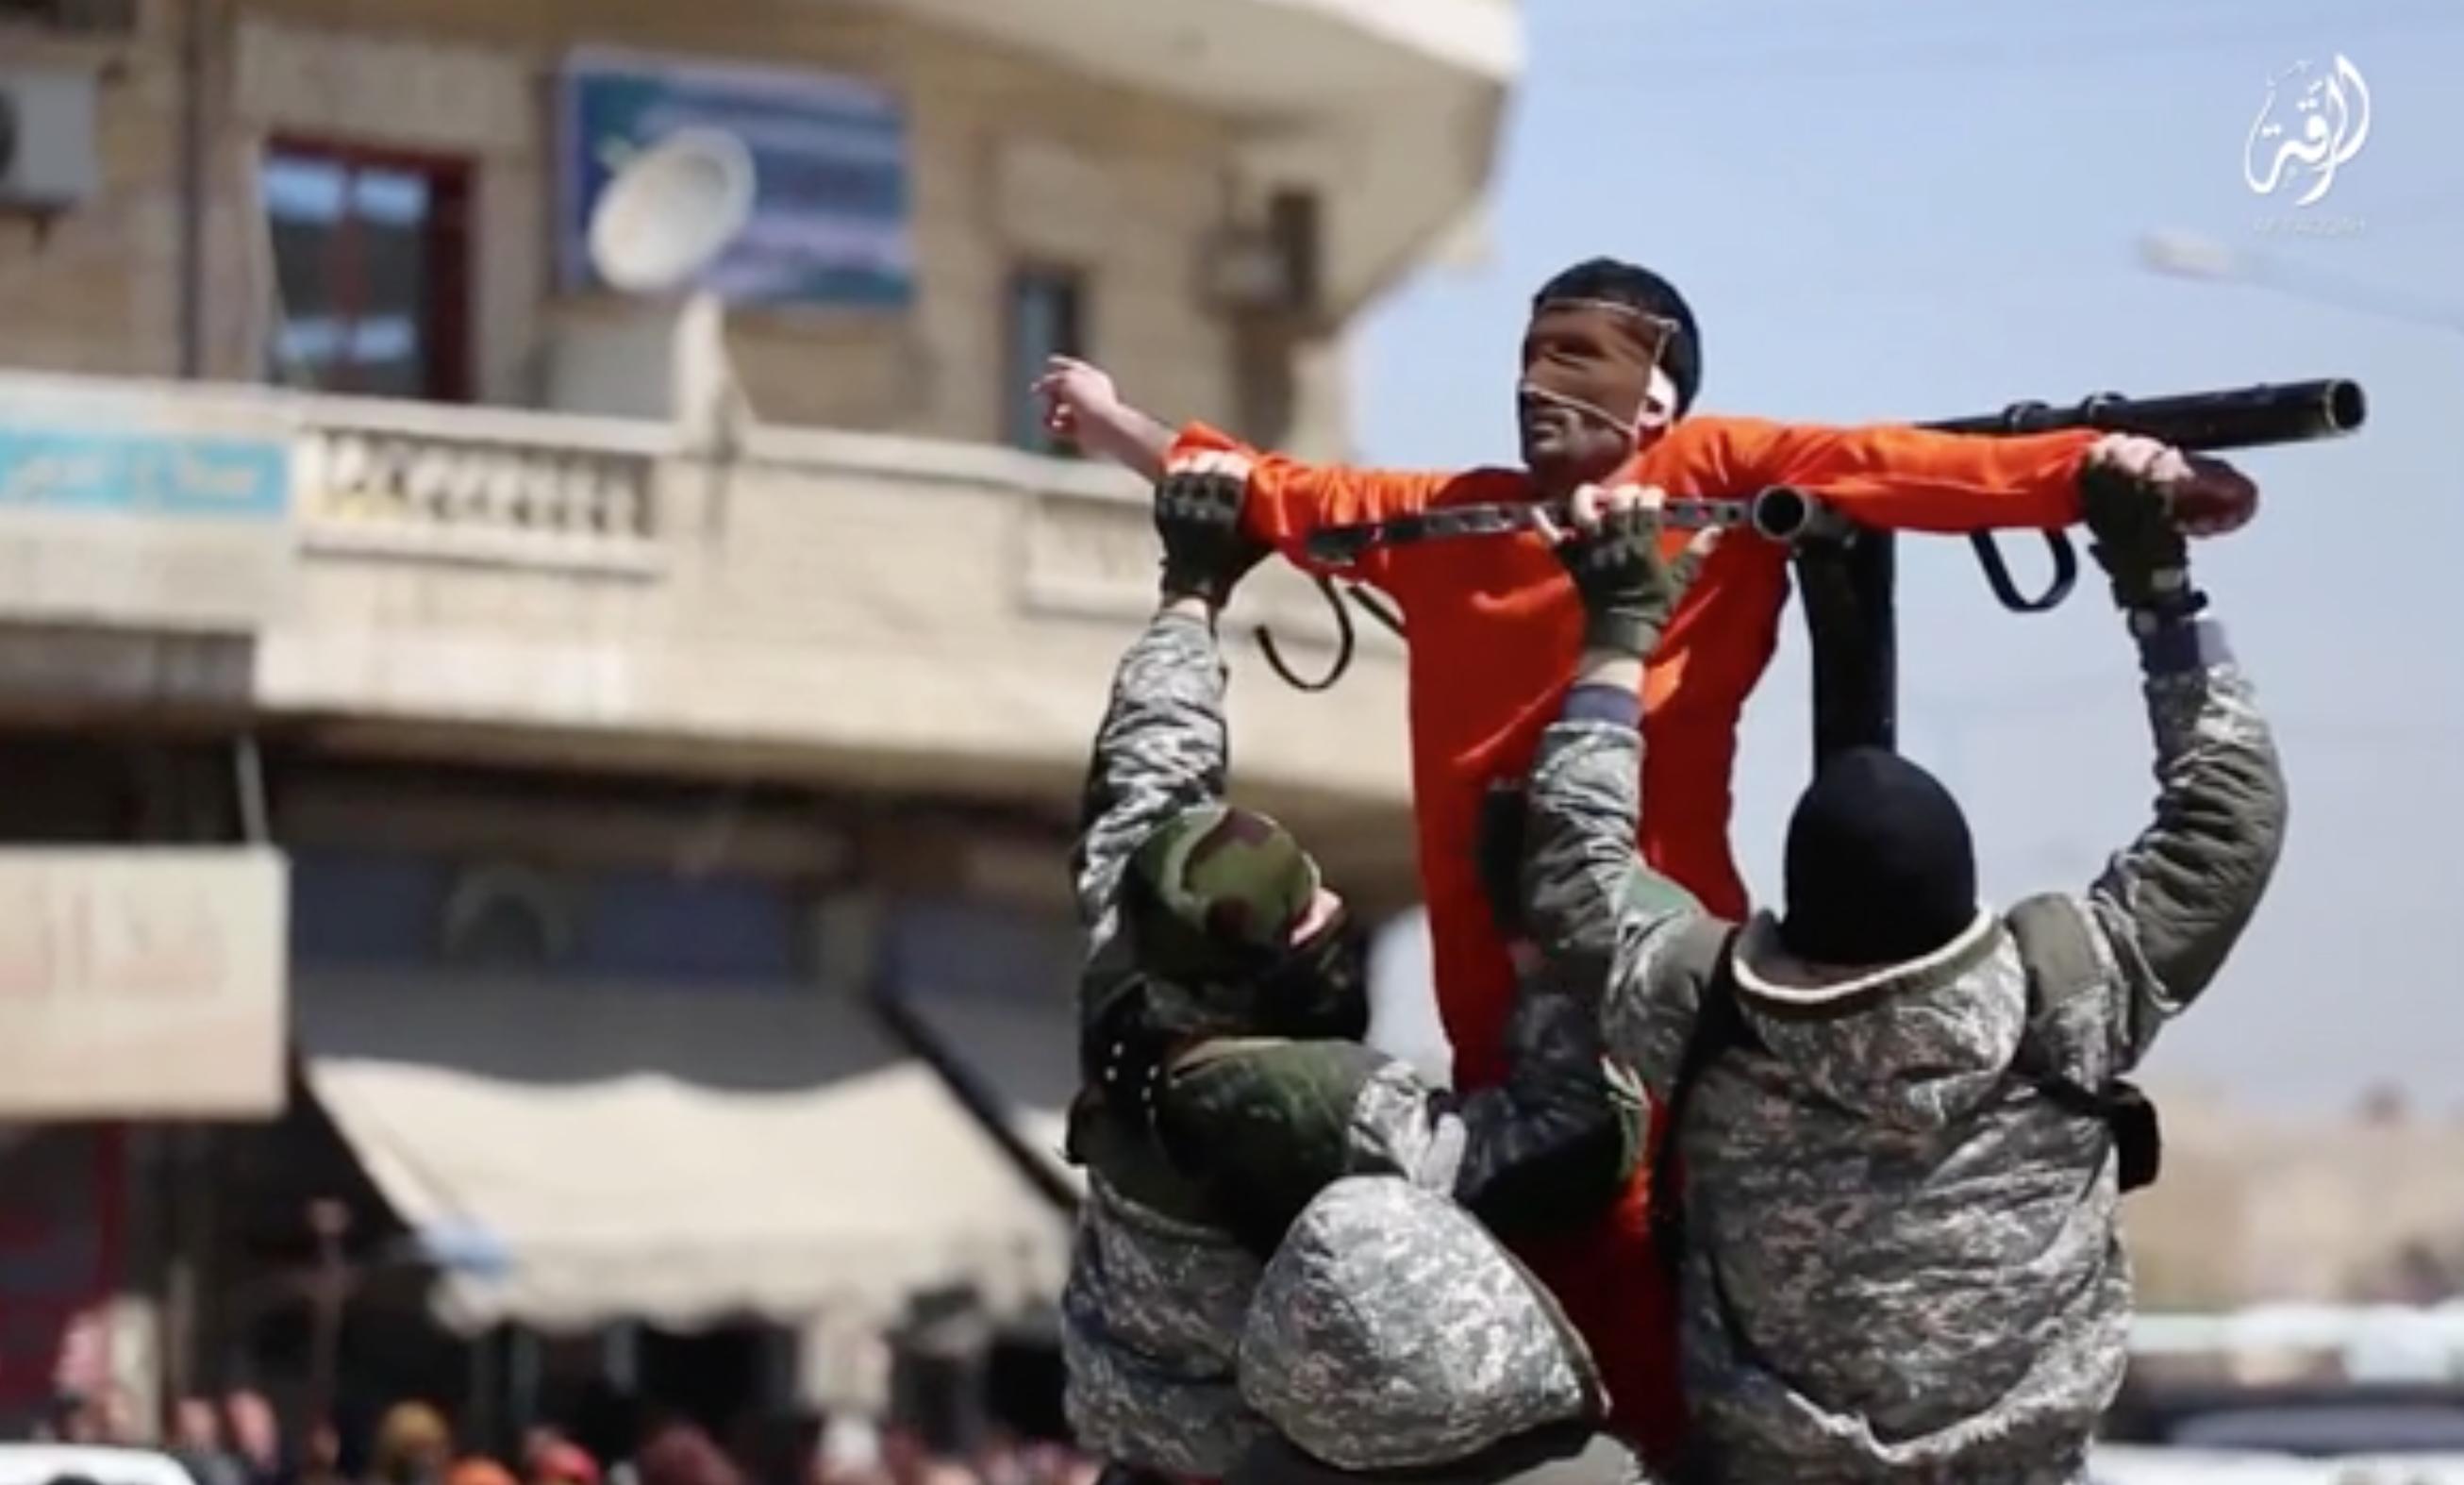 تغییر مسیر تبلیغات داعش از ادعاهای خلافت